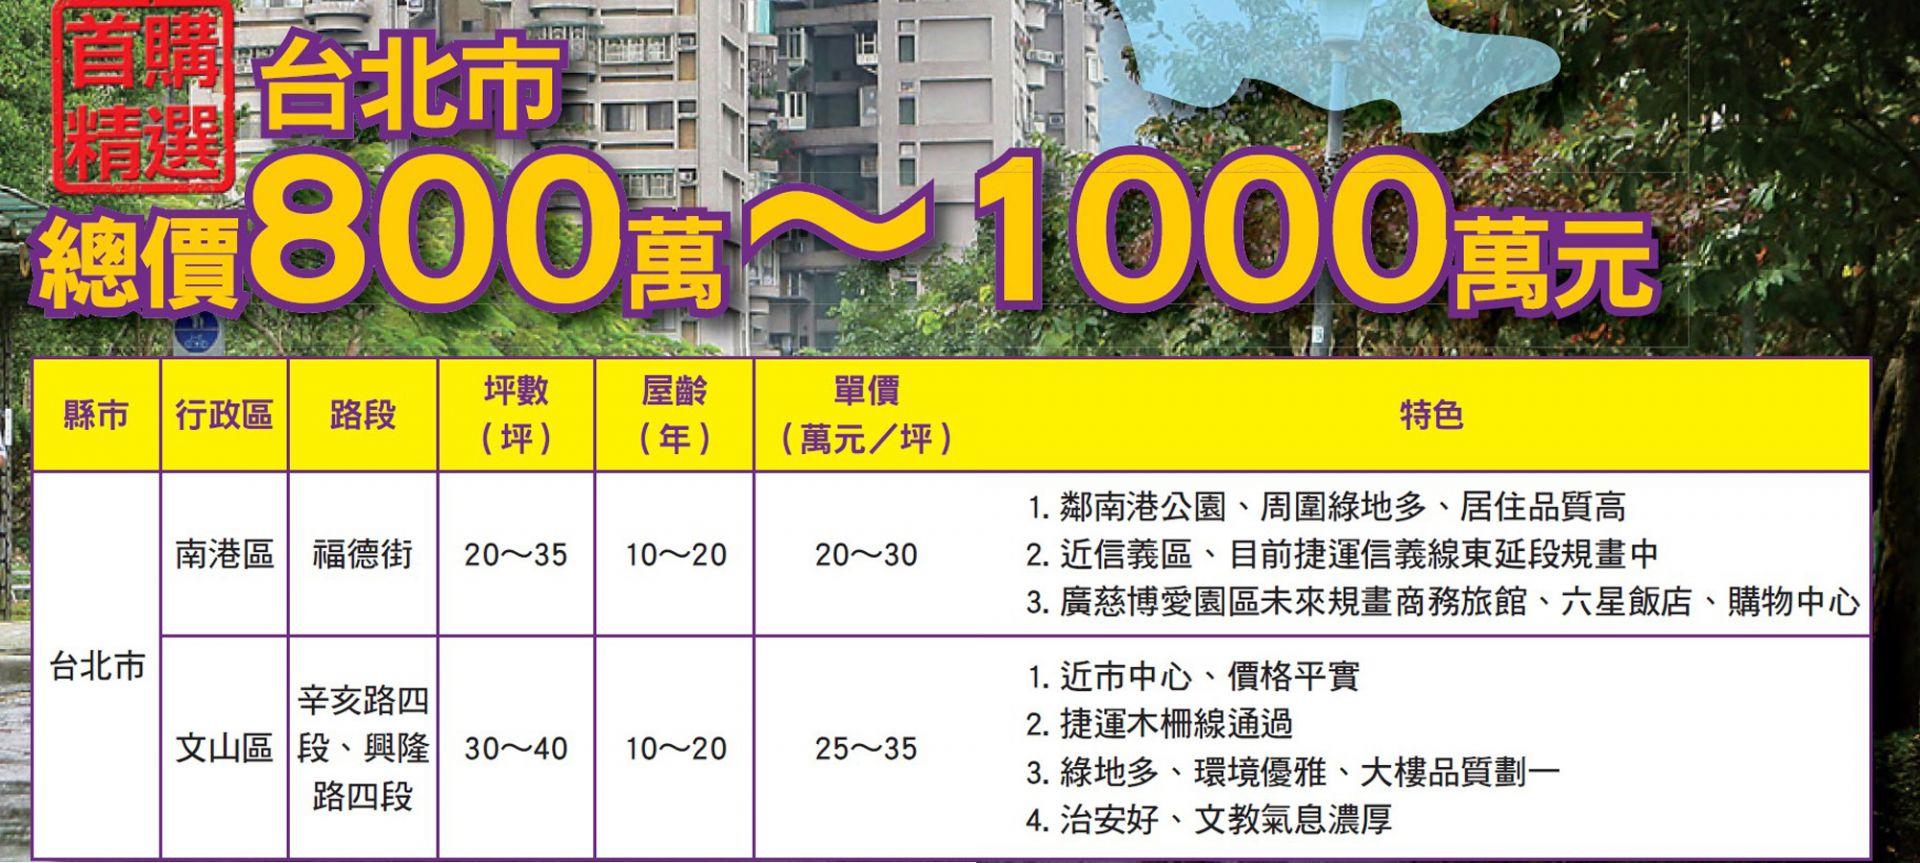 台北800到1000萬房屋